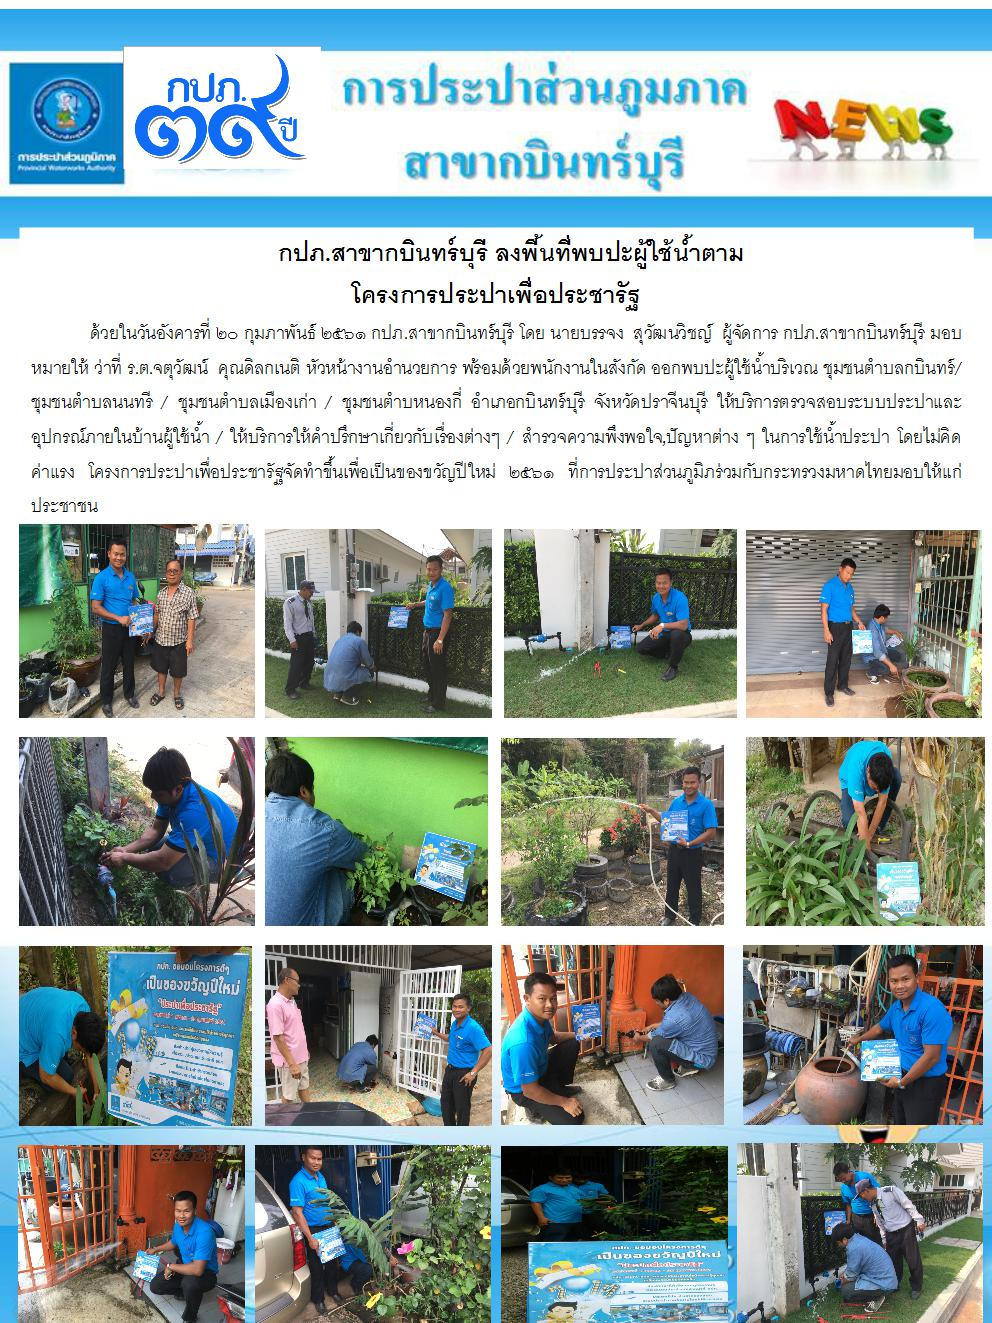 กปภ.สาขากบินทร์บุรี ลงพื้นที่พบปะผู้ใช้น้ำตาม โครงการประปาเพื่อประชารัฐ